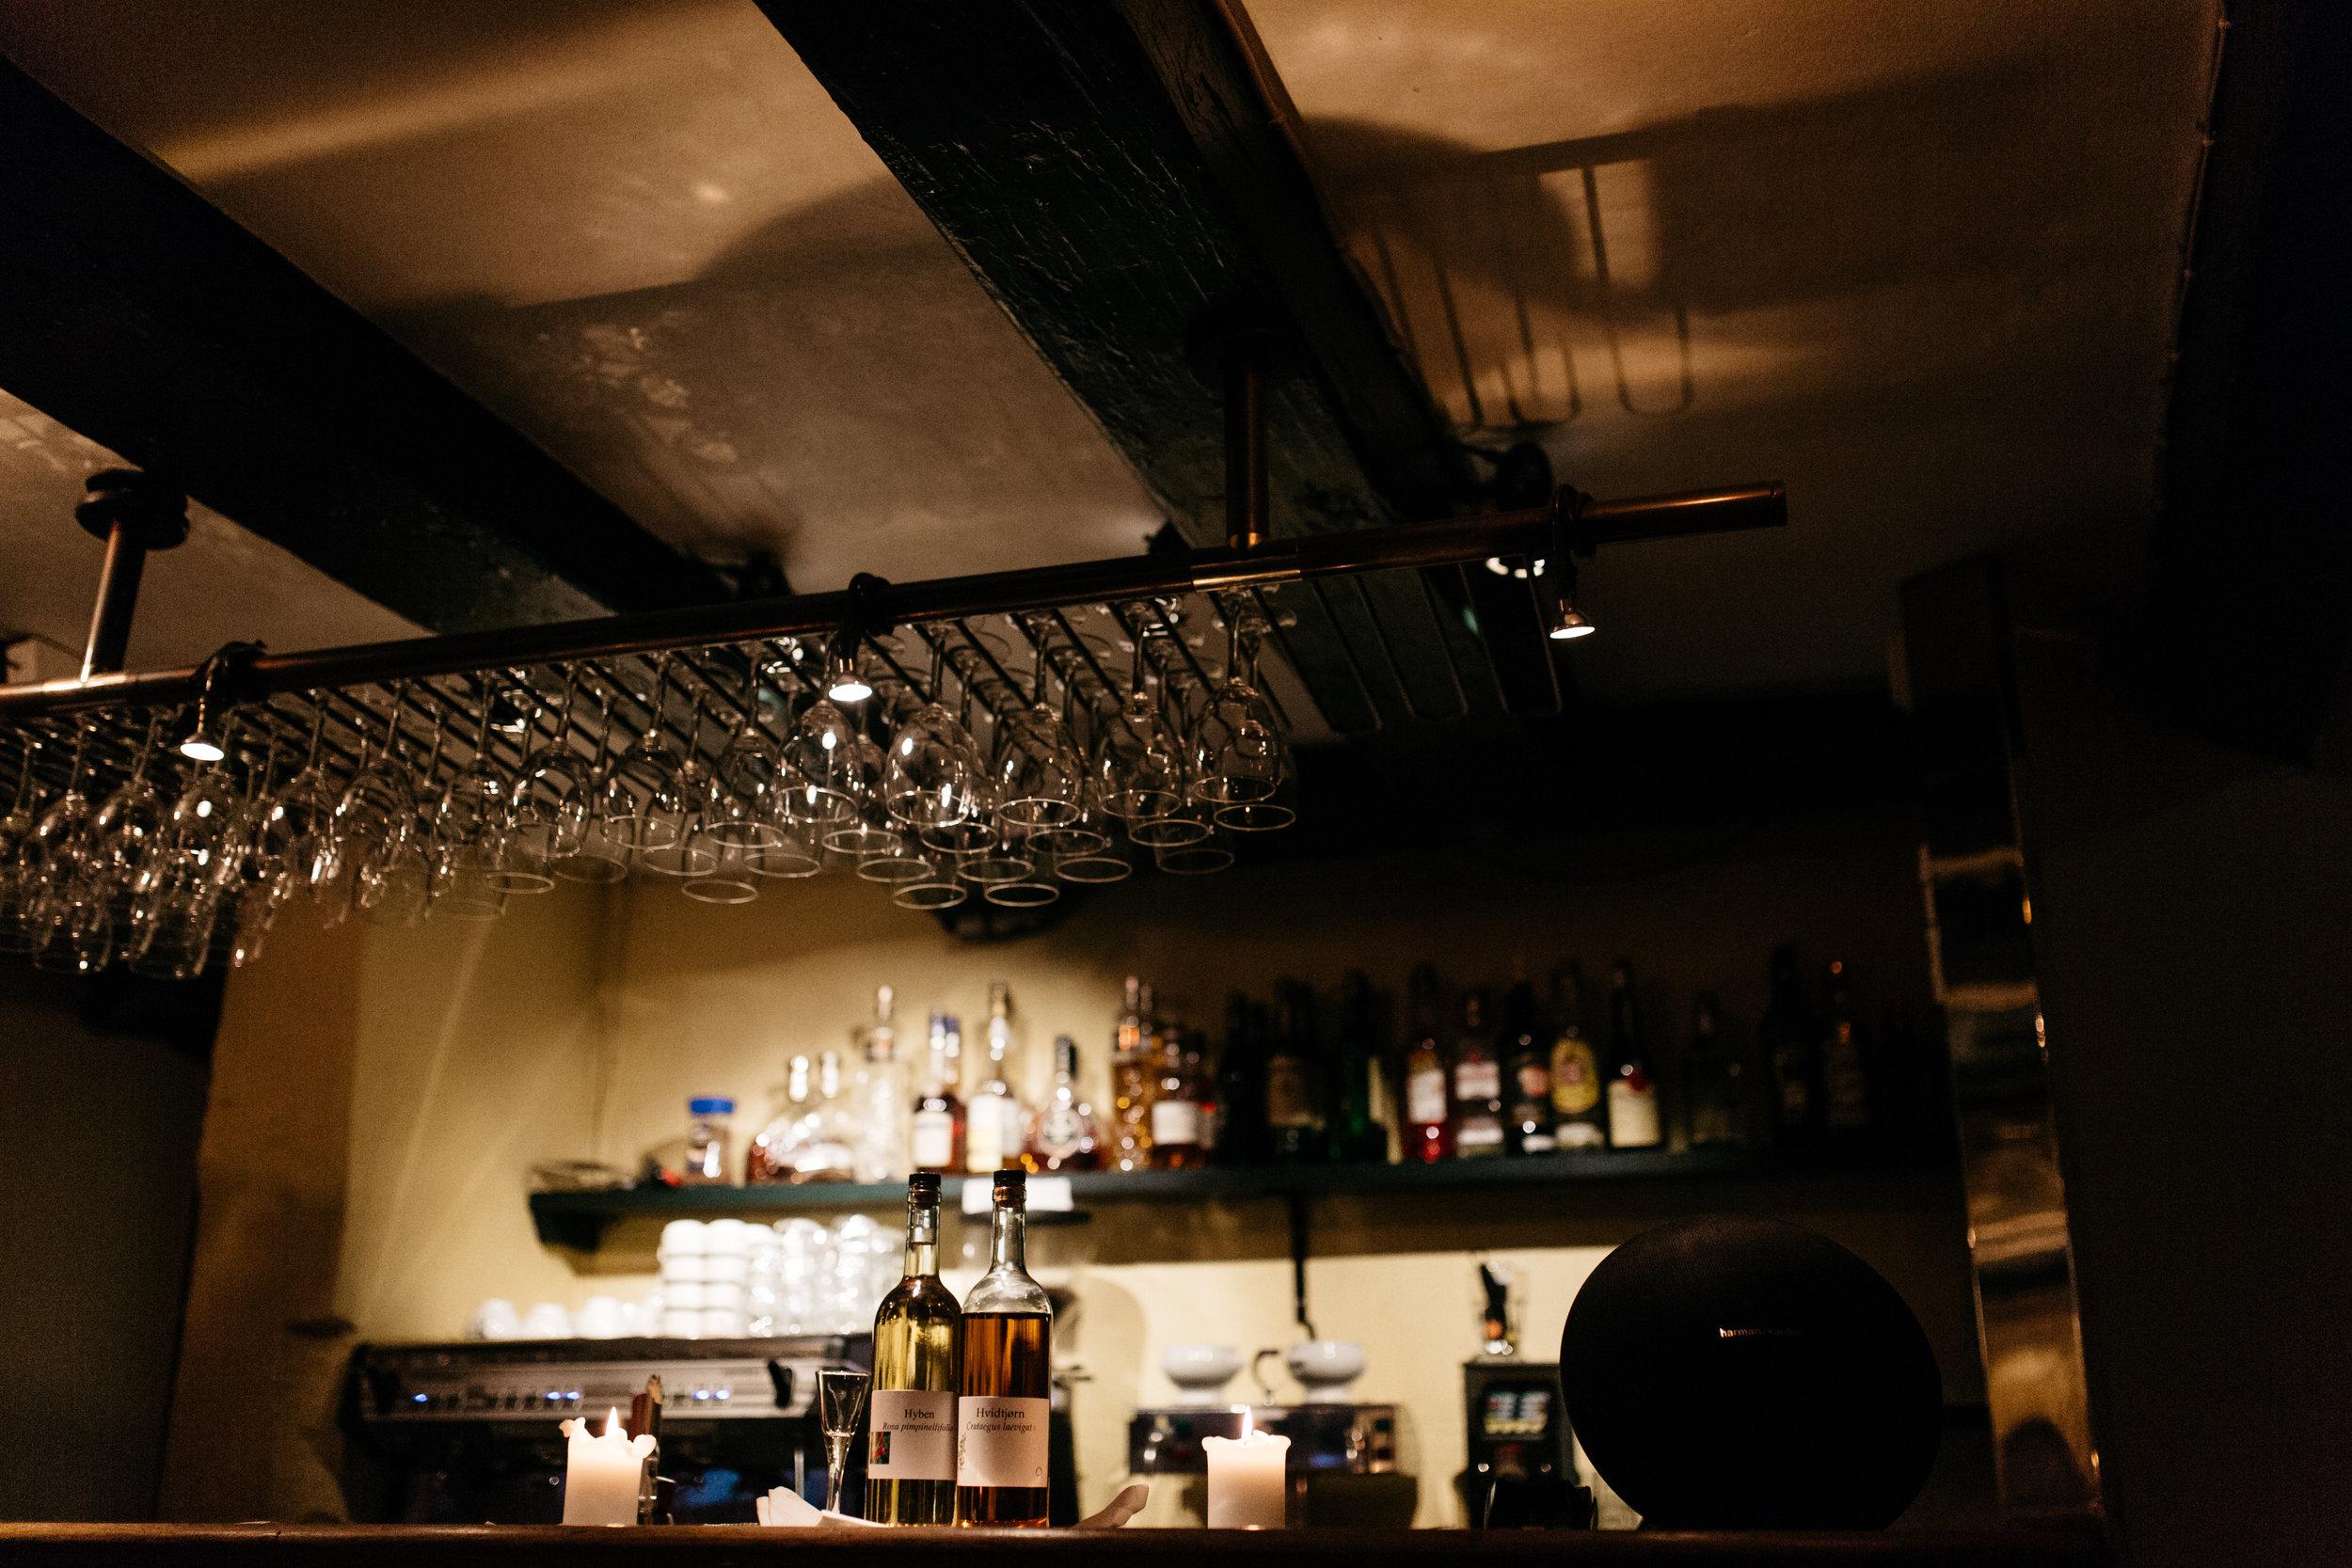 Indoor cafes and restaurants in Copenhagen